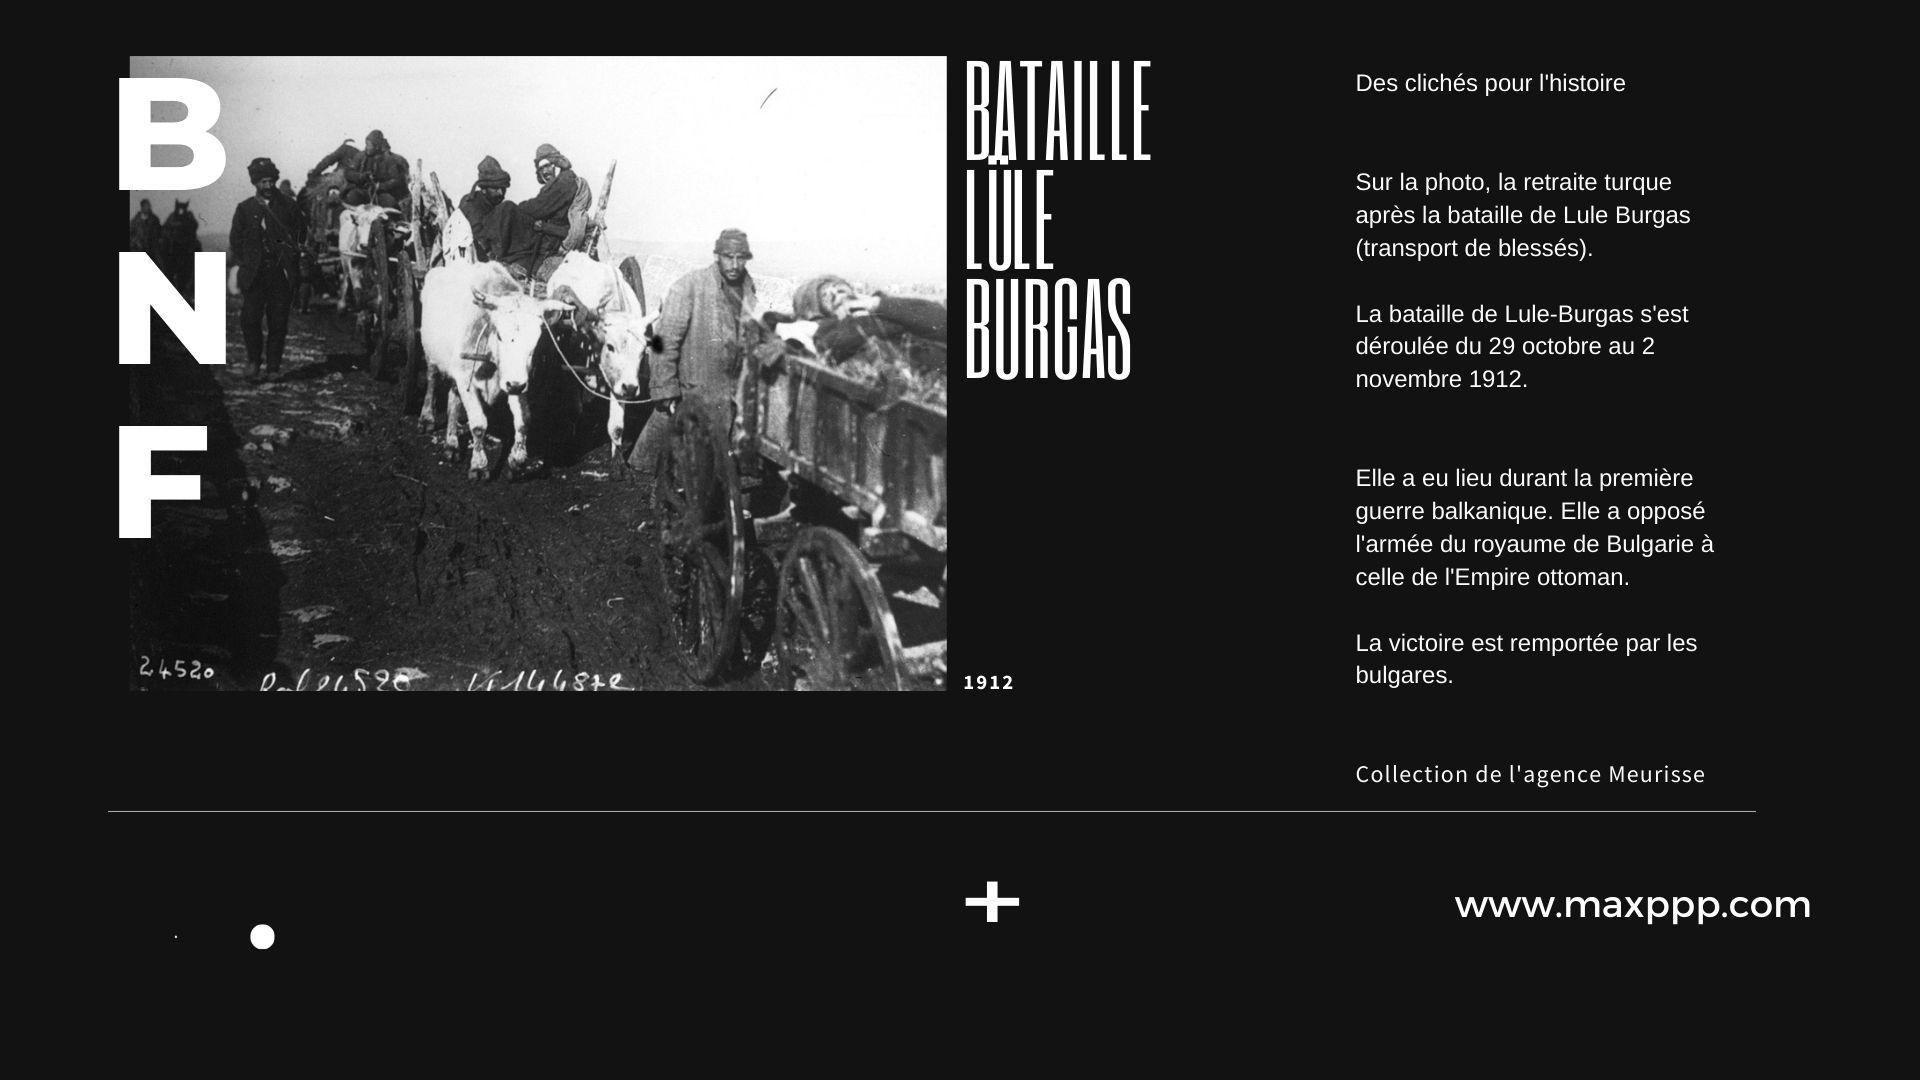 Bataille Lule Burgas